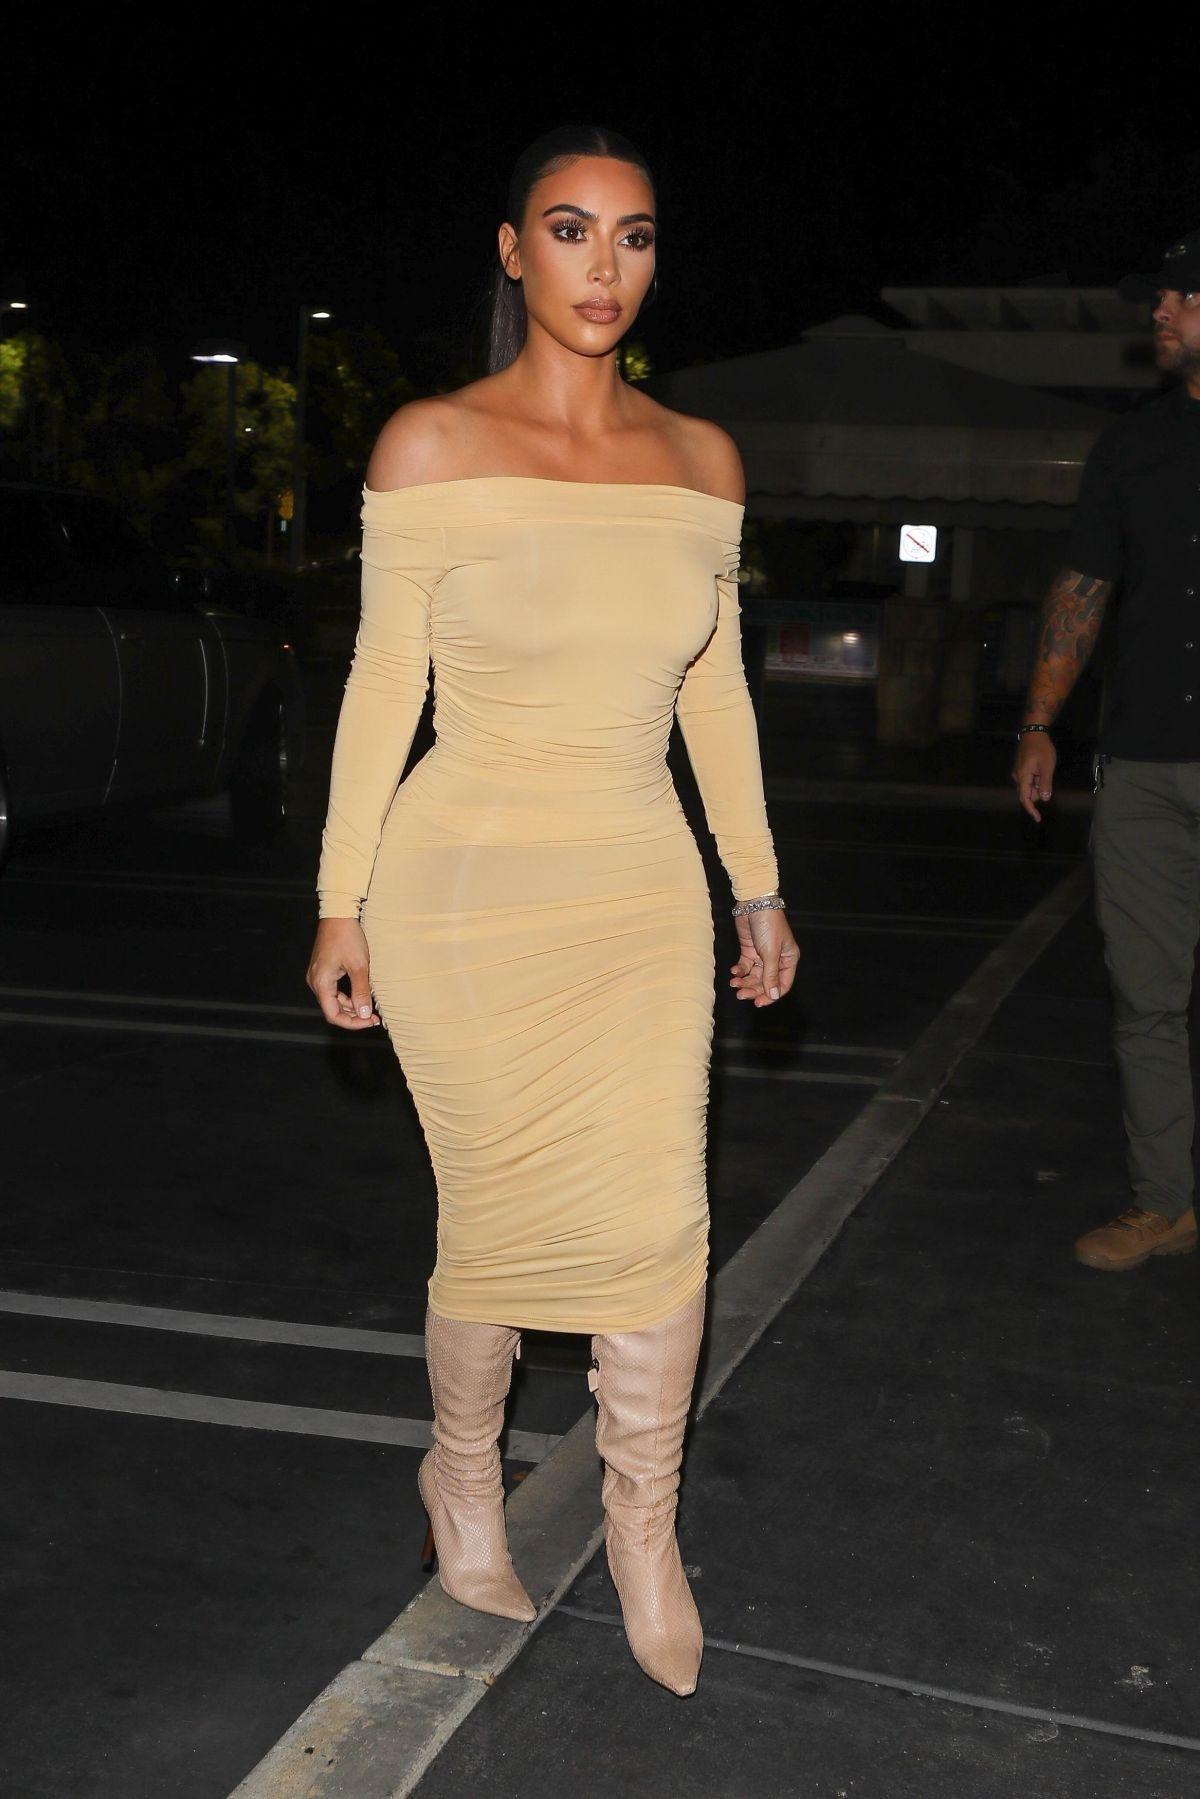 فستان اوف شولدرز باللون البيج اختارته كيم كارداشيان